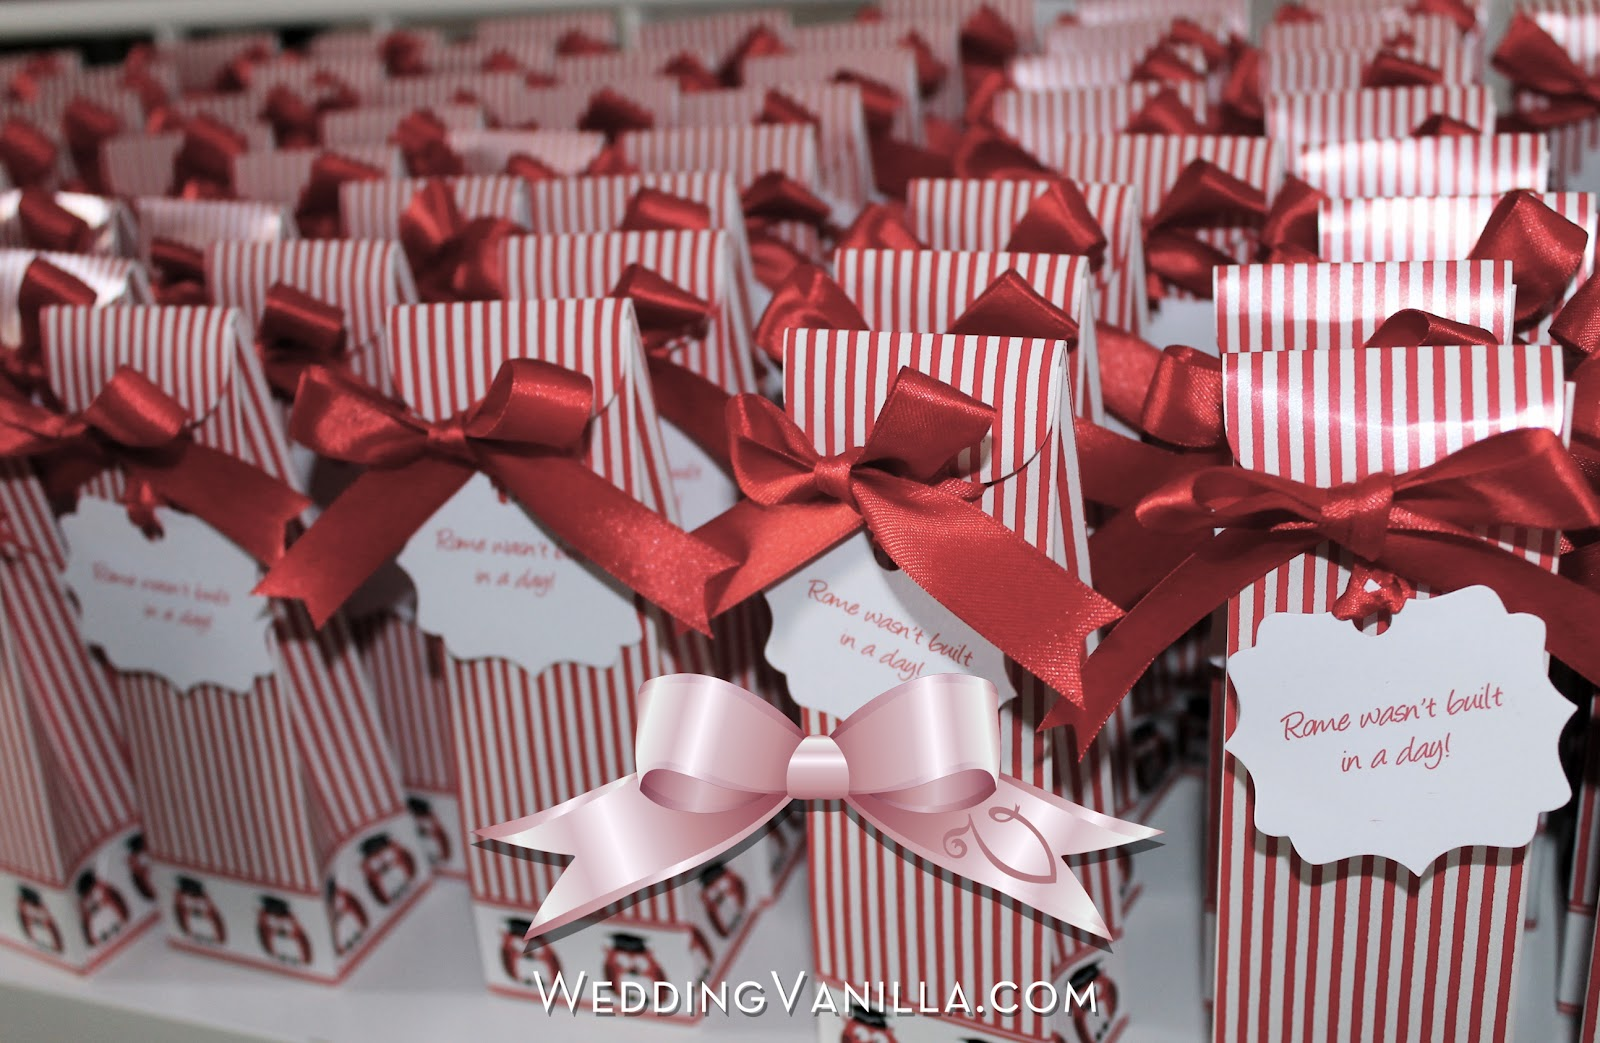 Conosciuto Vanilla Wedding Design: Le nostre idee per la tua festa di laurea JZ96